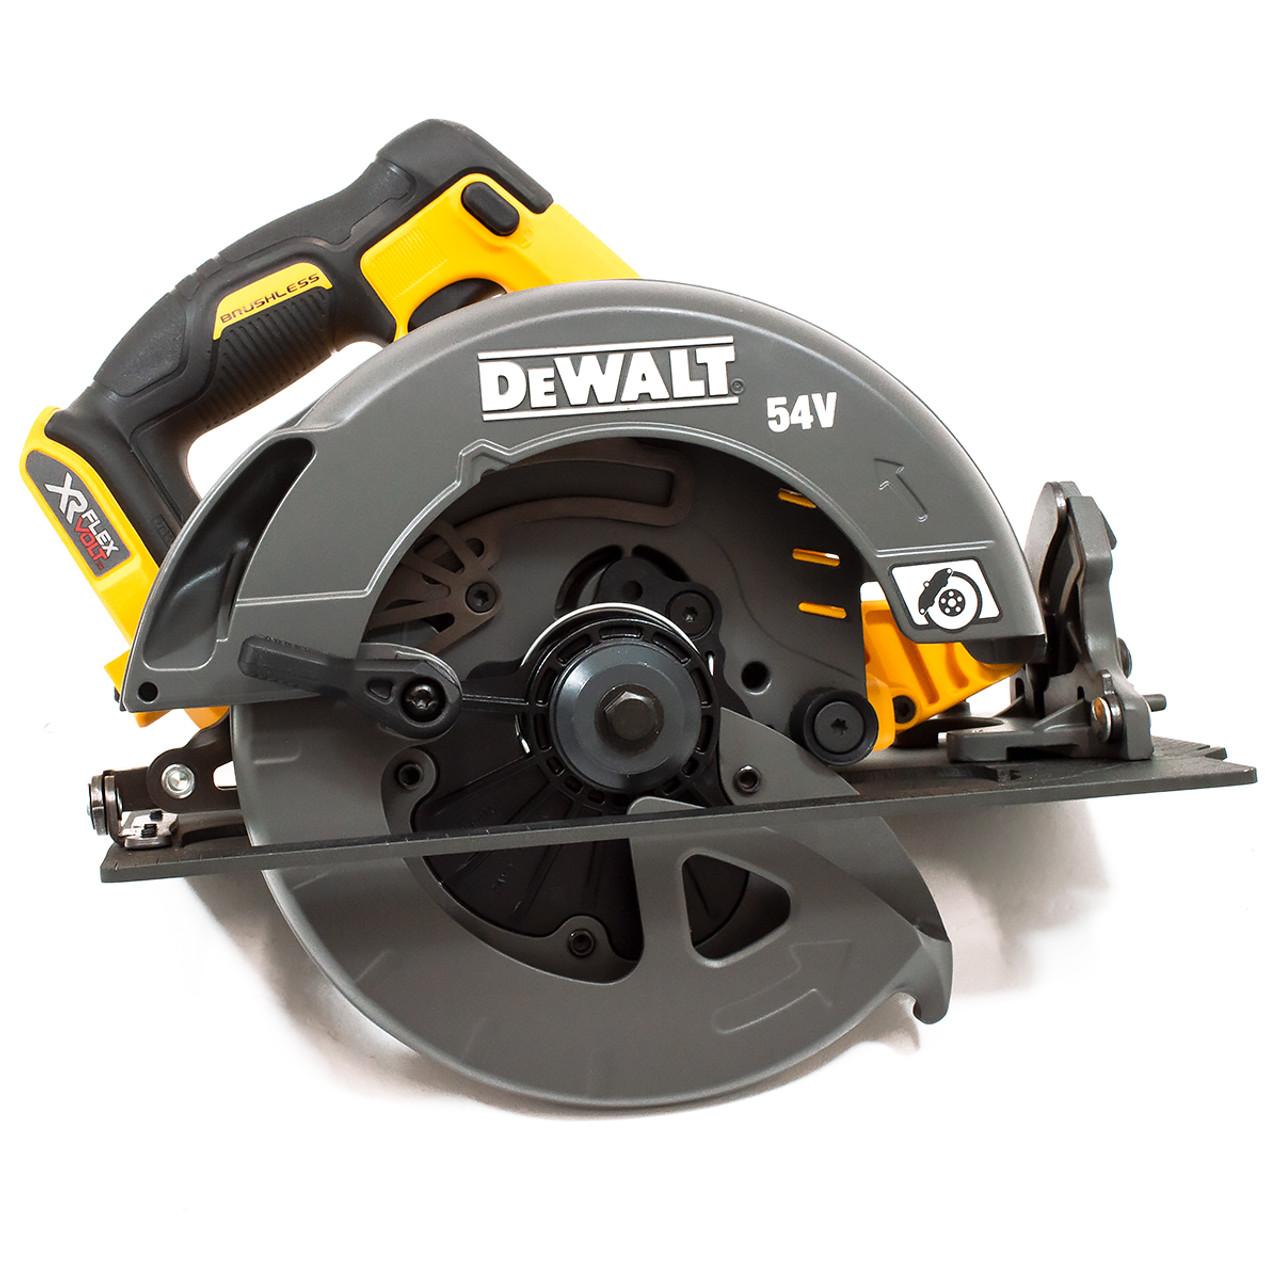 Toolstop Dewalt DCS575N 54V XR Flexvolt Circular Saw 190mm